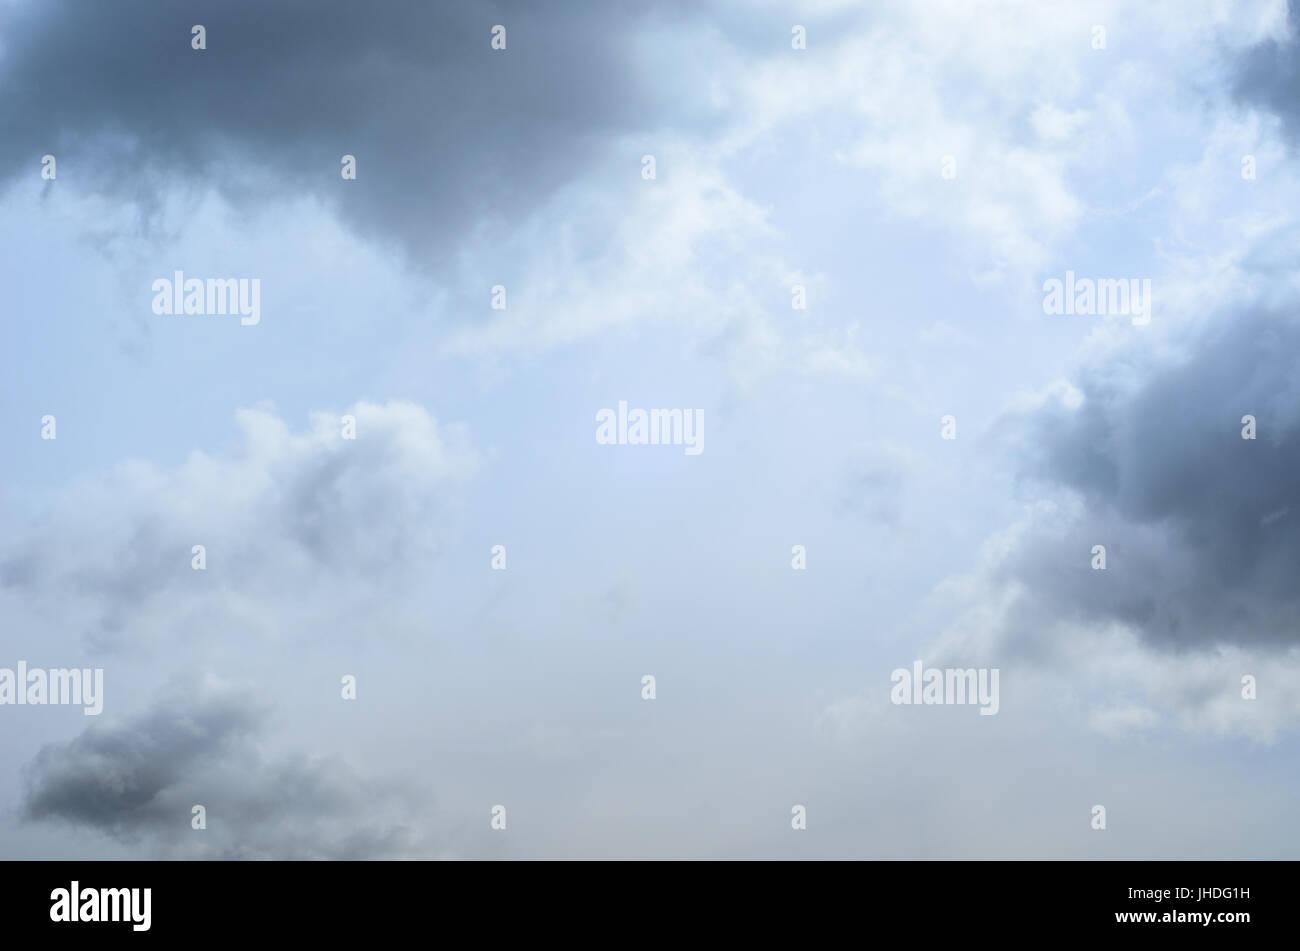 Mistico Azzurro Pallido Sfondo Cielo Con Luce Bianco E Grigio